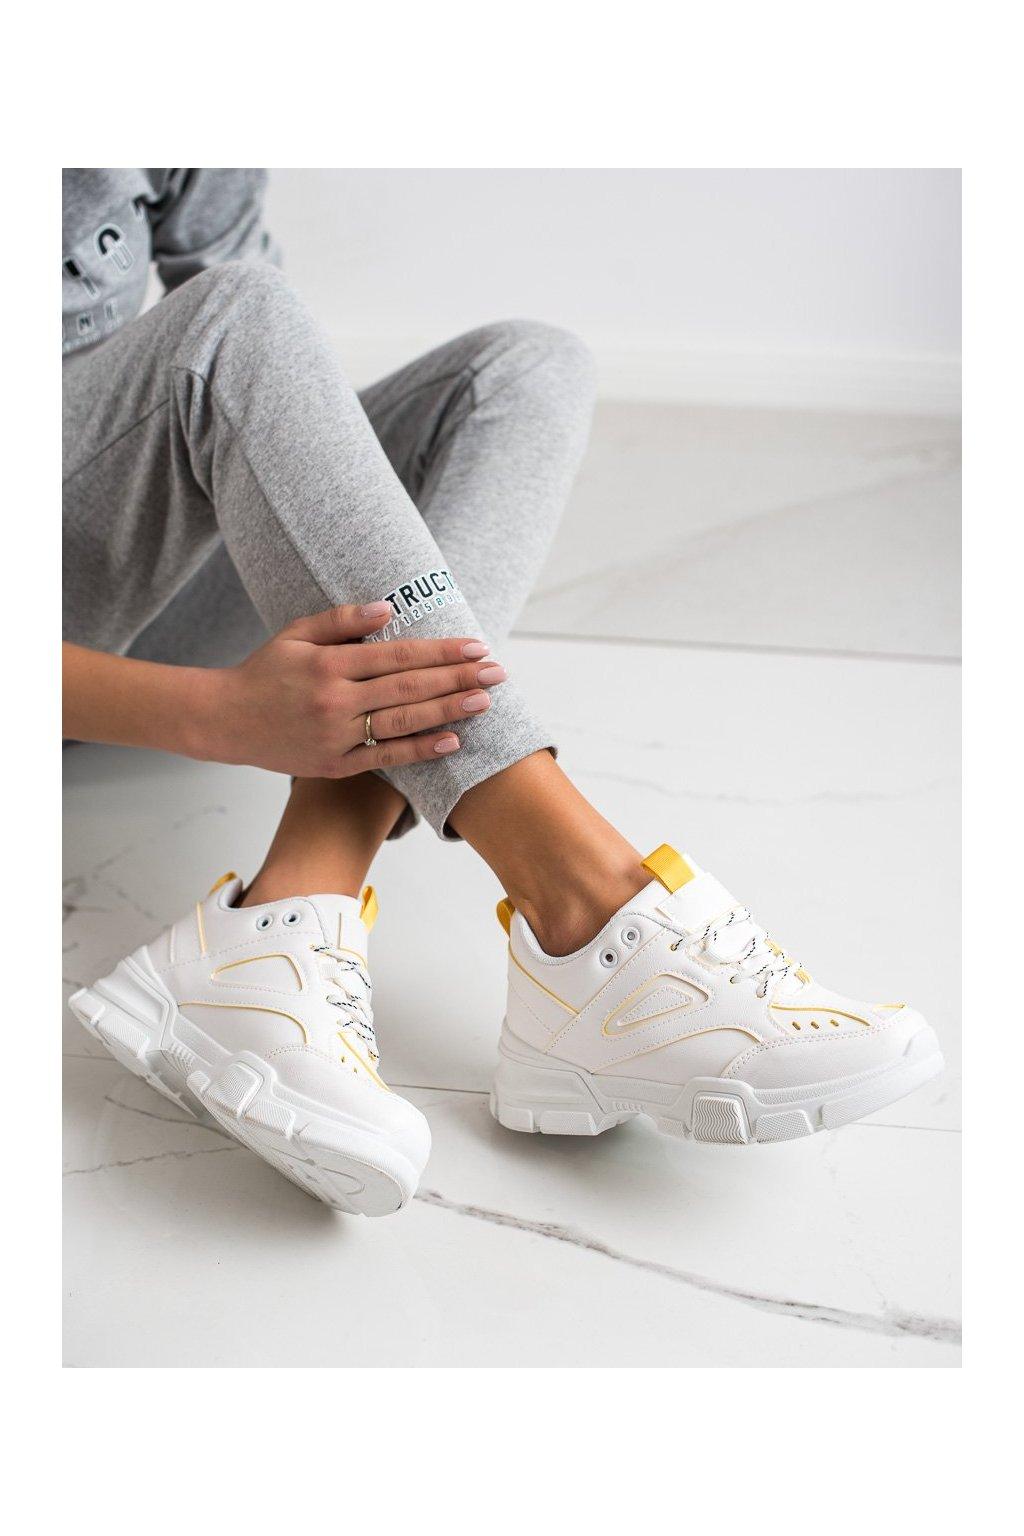 Biele tenisky Shelovet kod BO-559W/Y